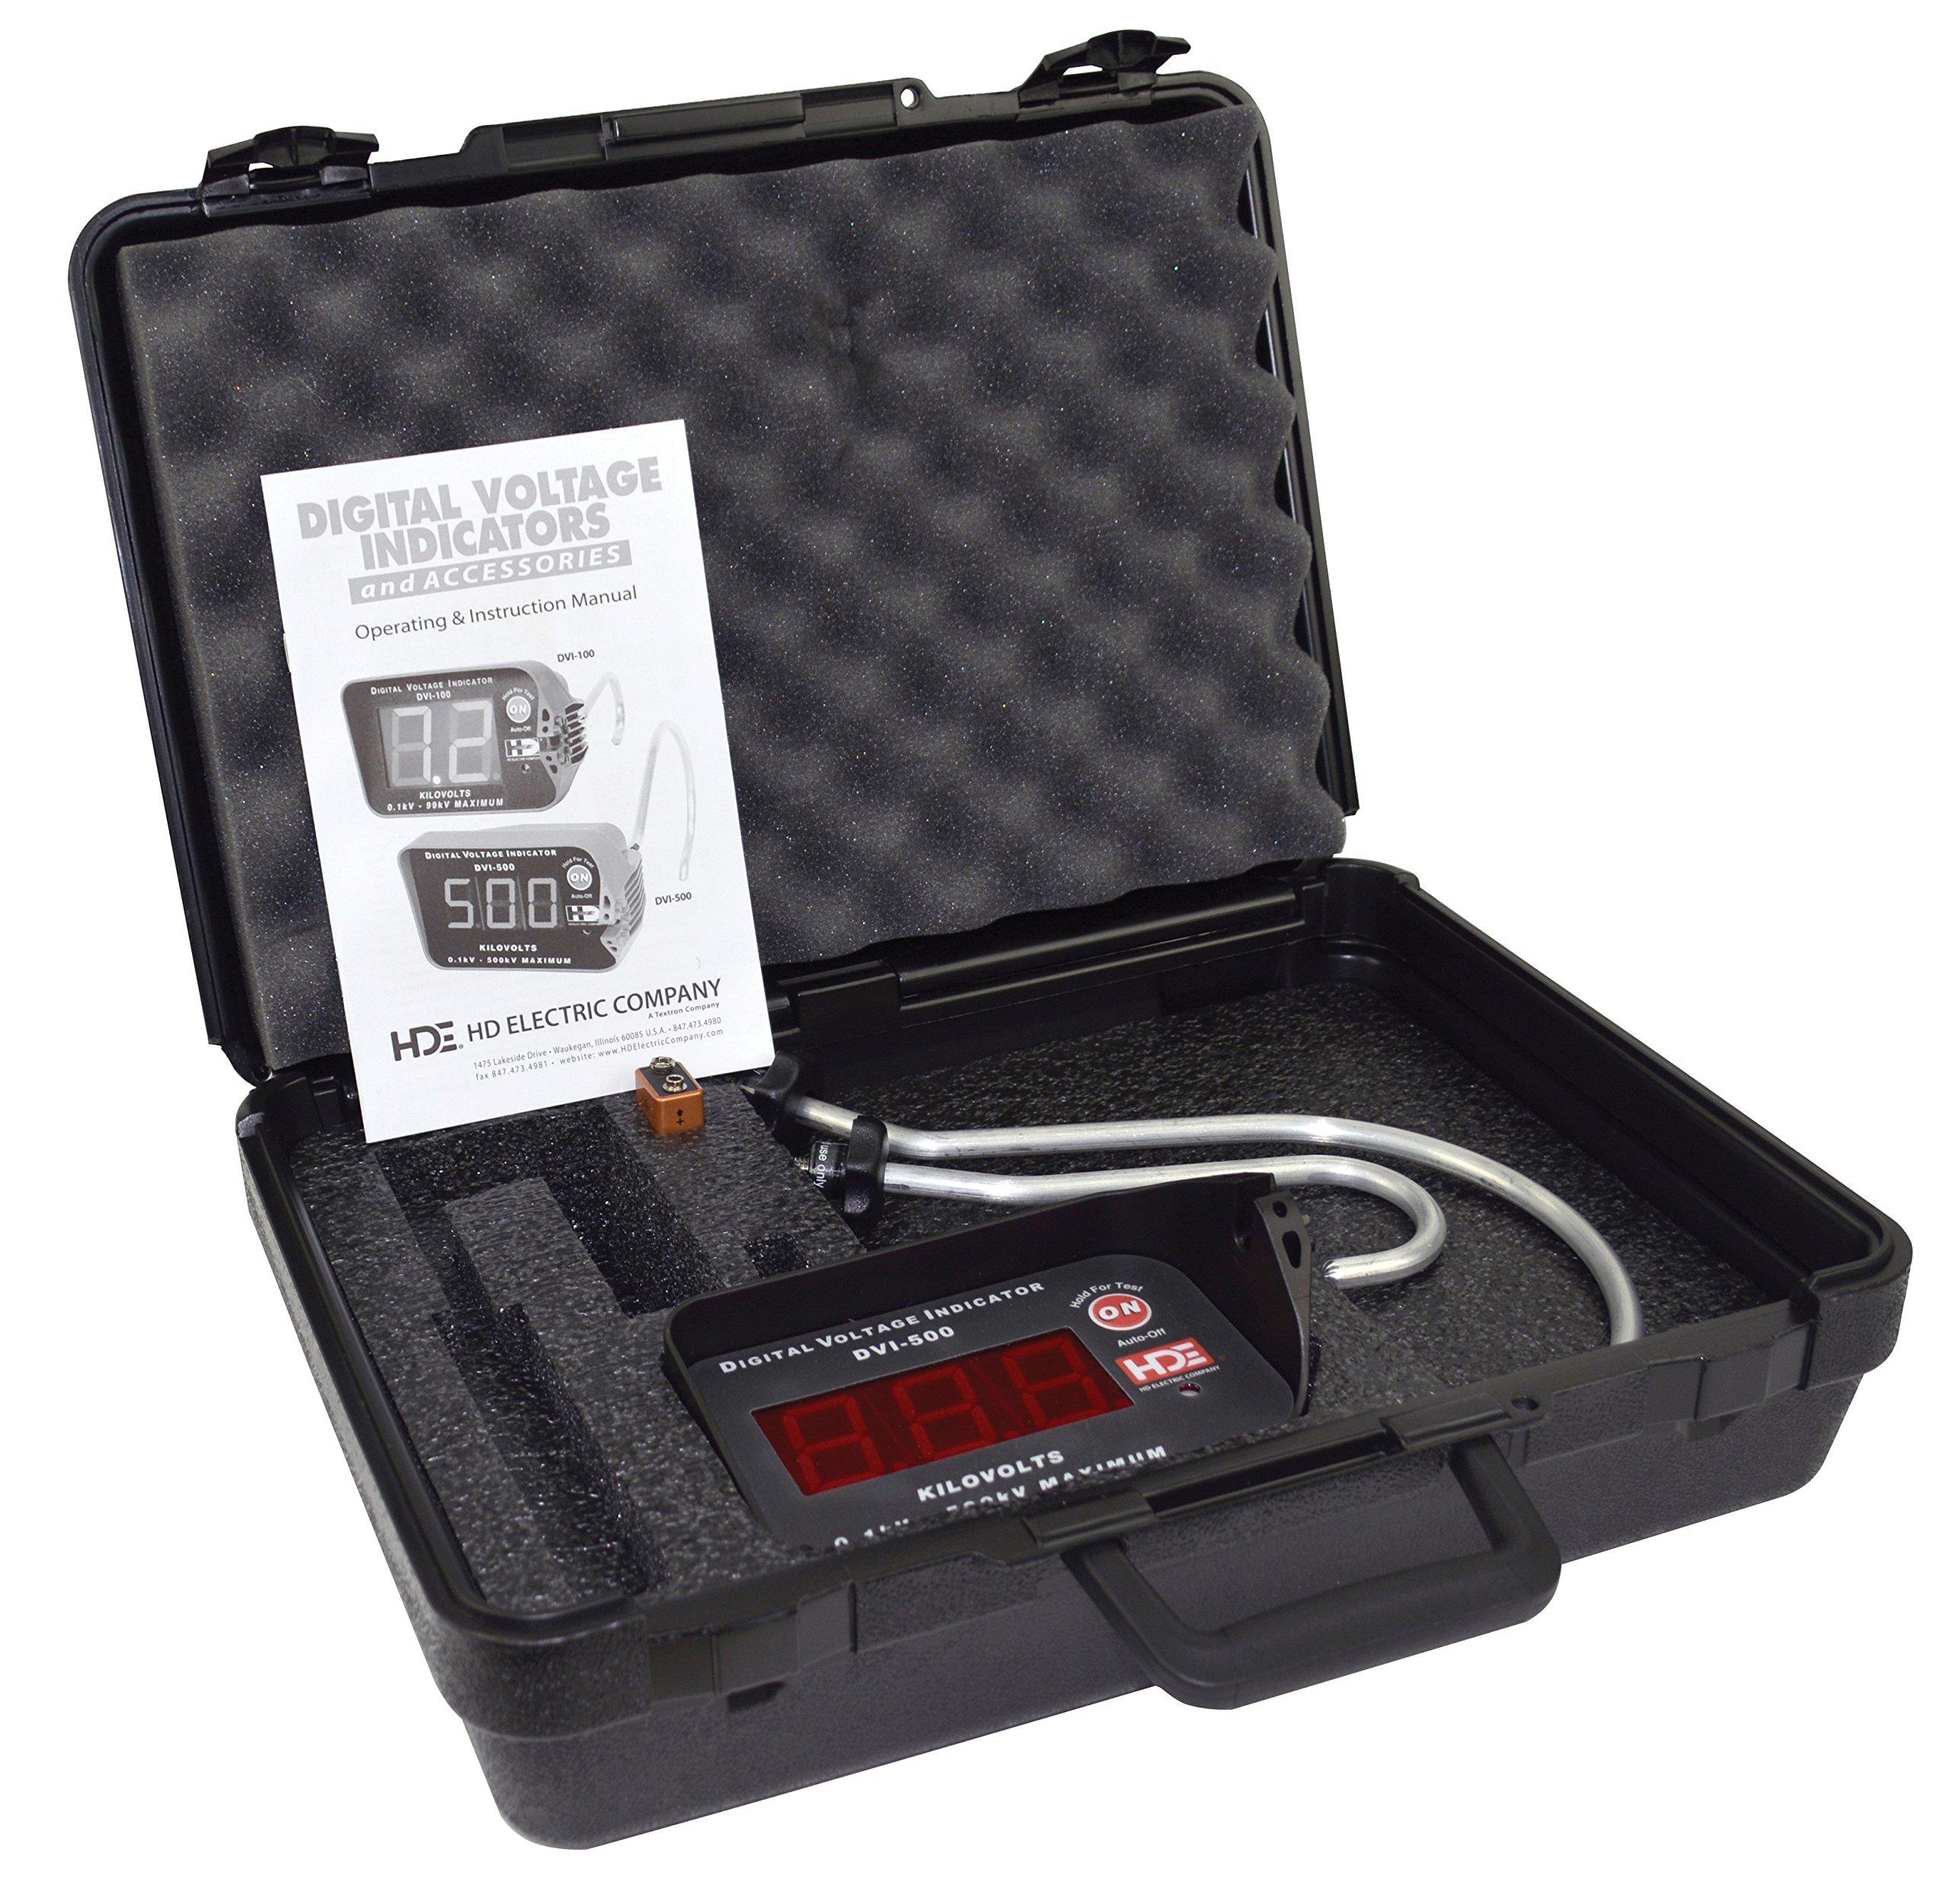 Greenlee DVI-500T/K01 Digital Voltage Indicator Kit